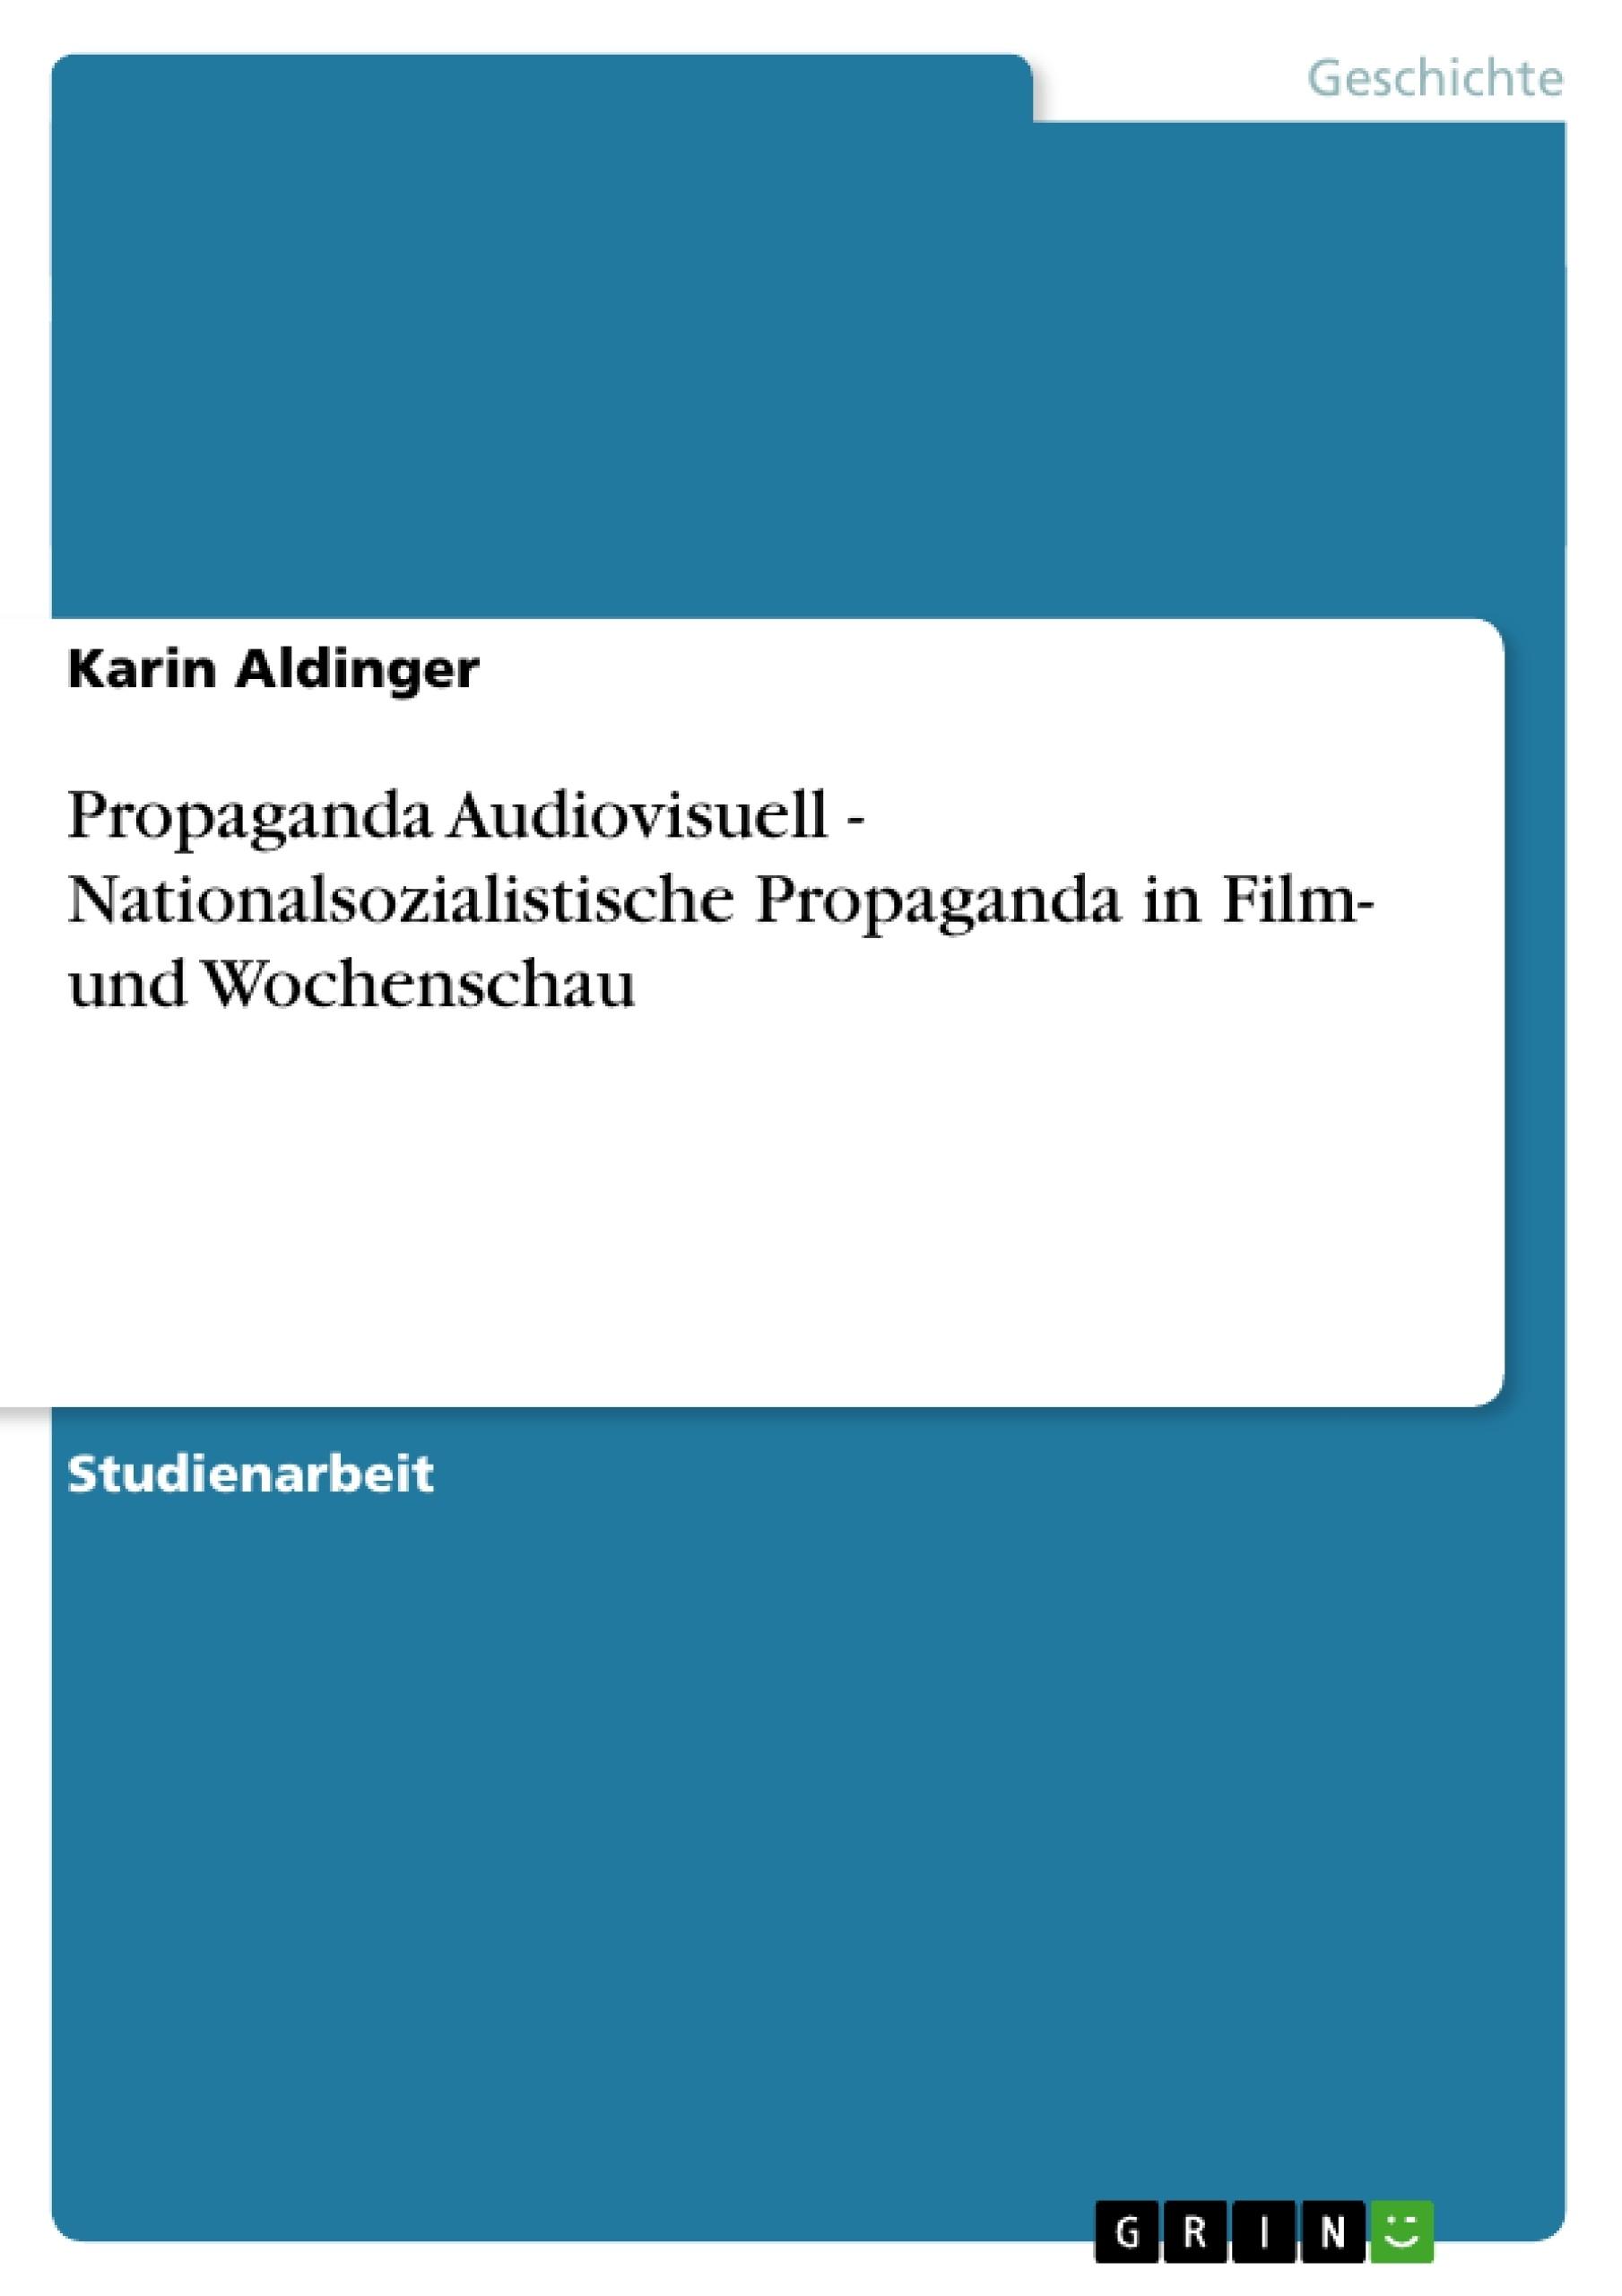 Titel: Propaganda Audiovisuell - Nationalsozialistische Propaganda in Film- und Wochenschau